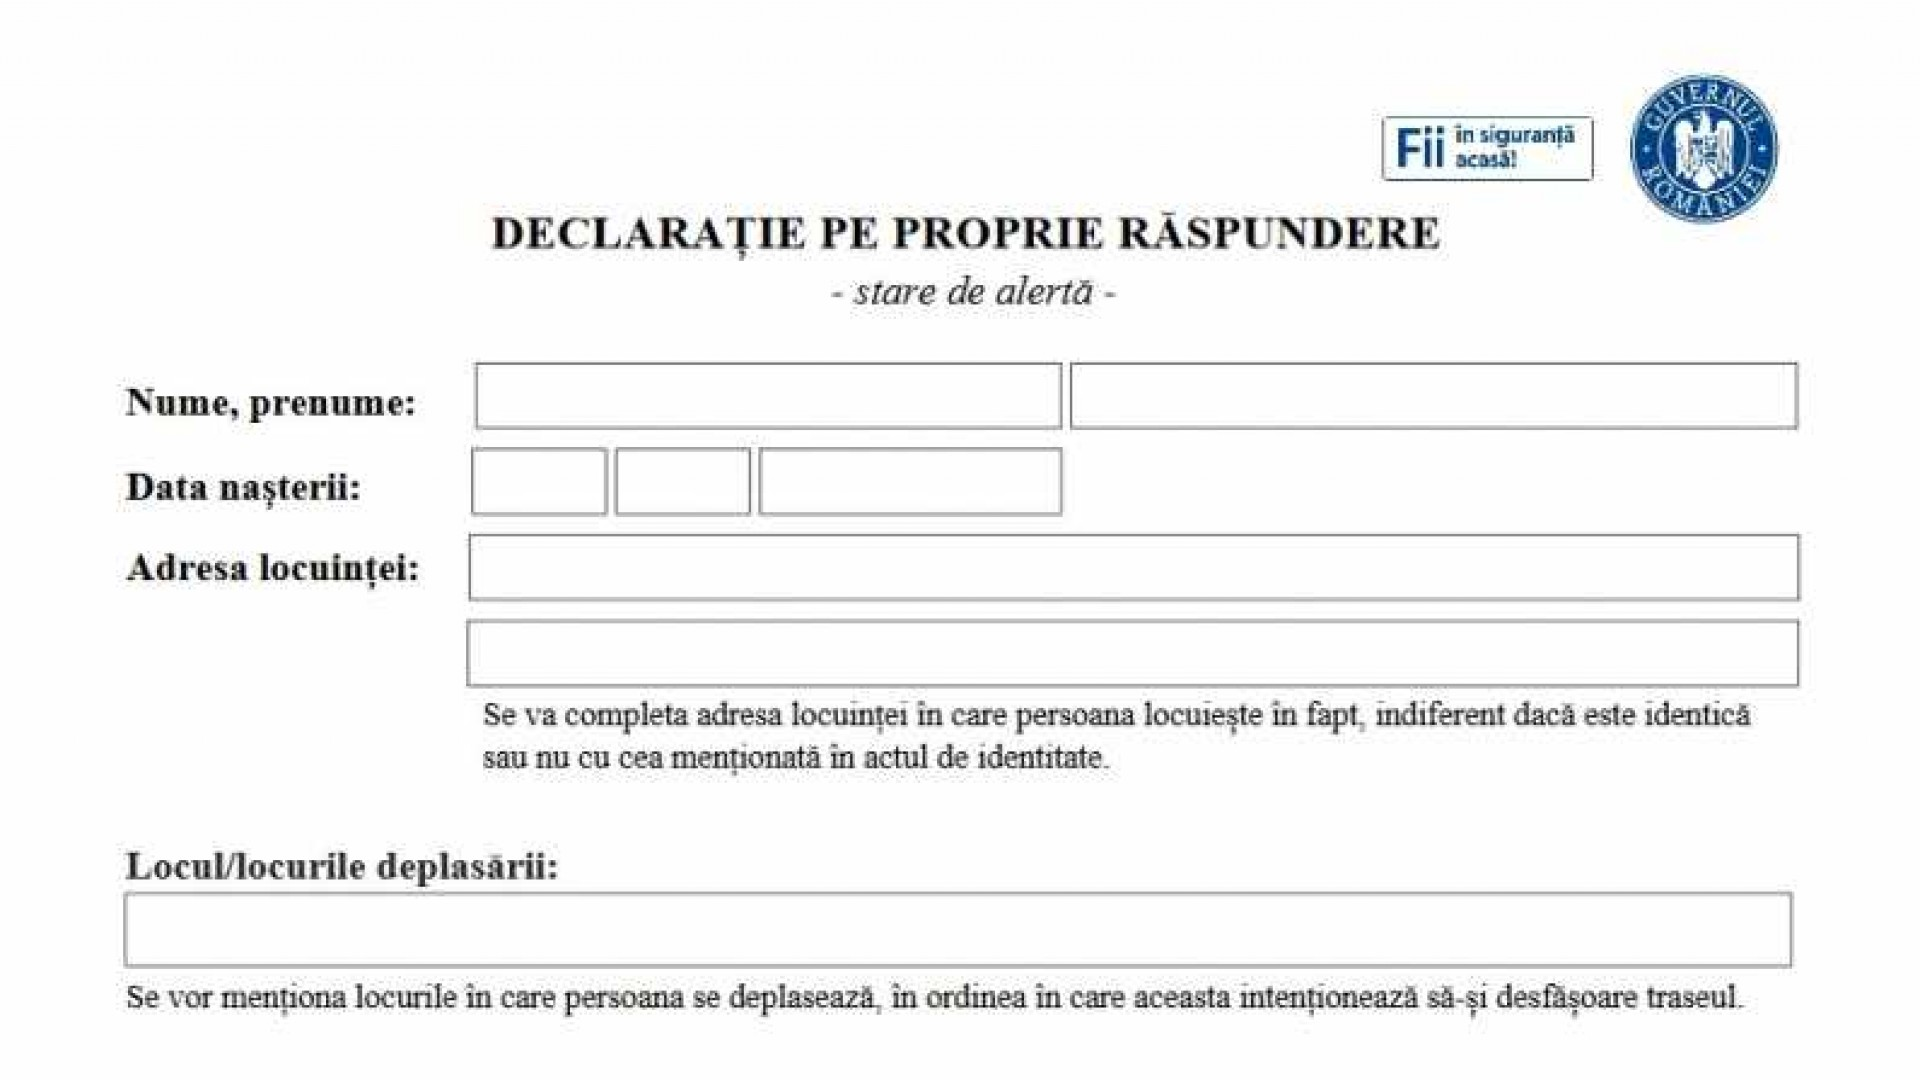 Jandarmeria Română: Declaraţia pe propria răspundere necesară la justificarea deplasării între localităţi poate fi scrisă şi de mână